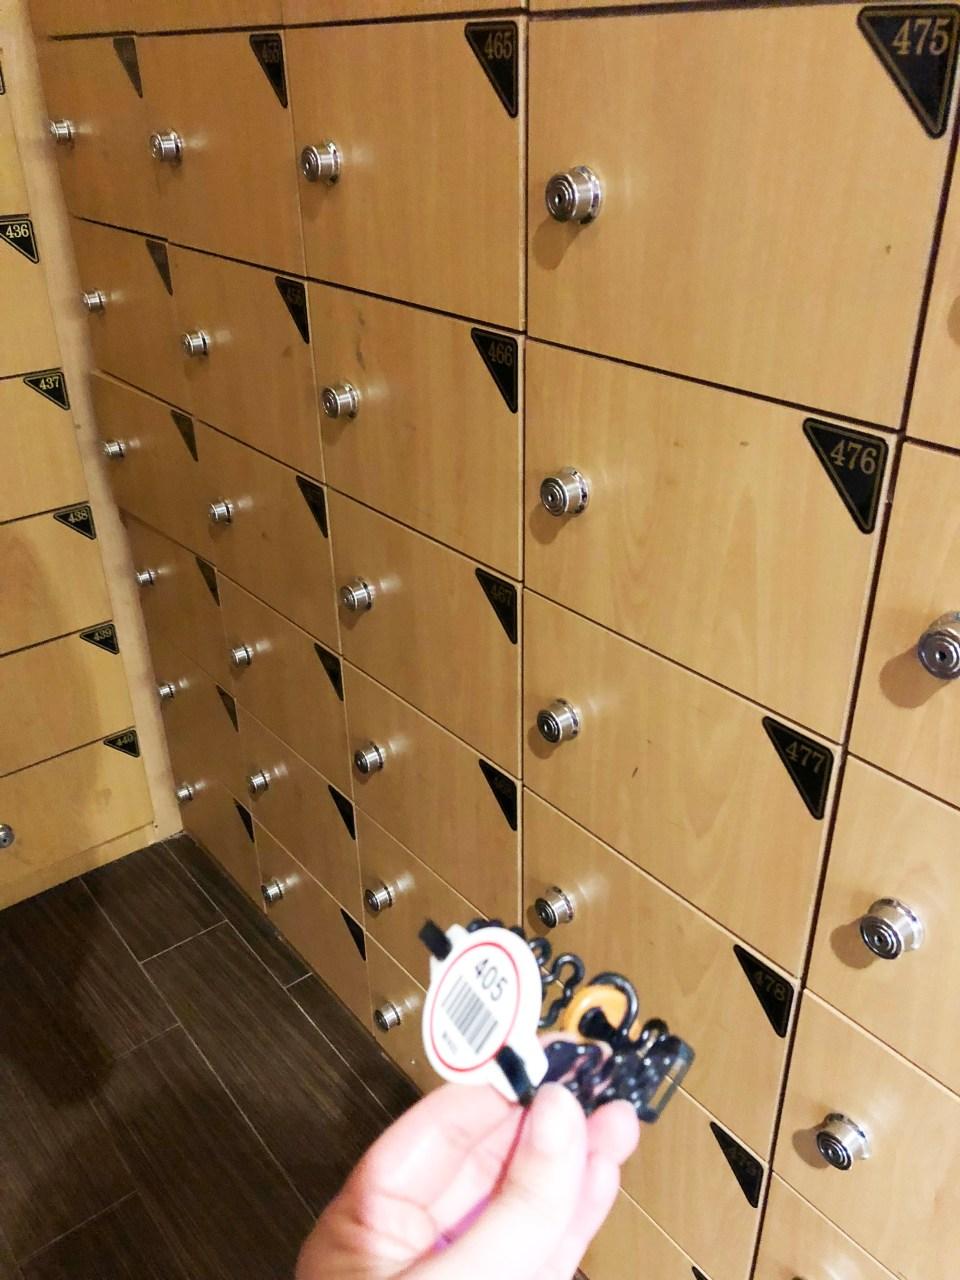 Island Spa & Sauna - Shoe Locker